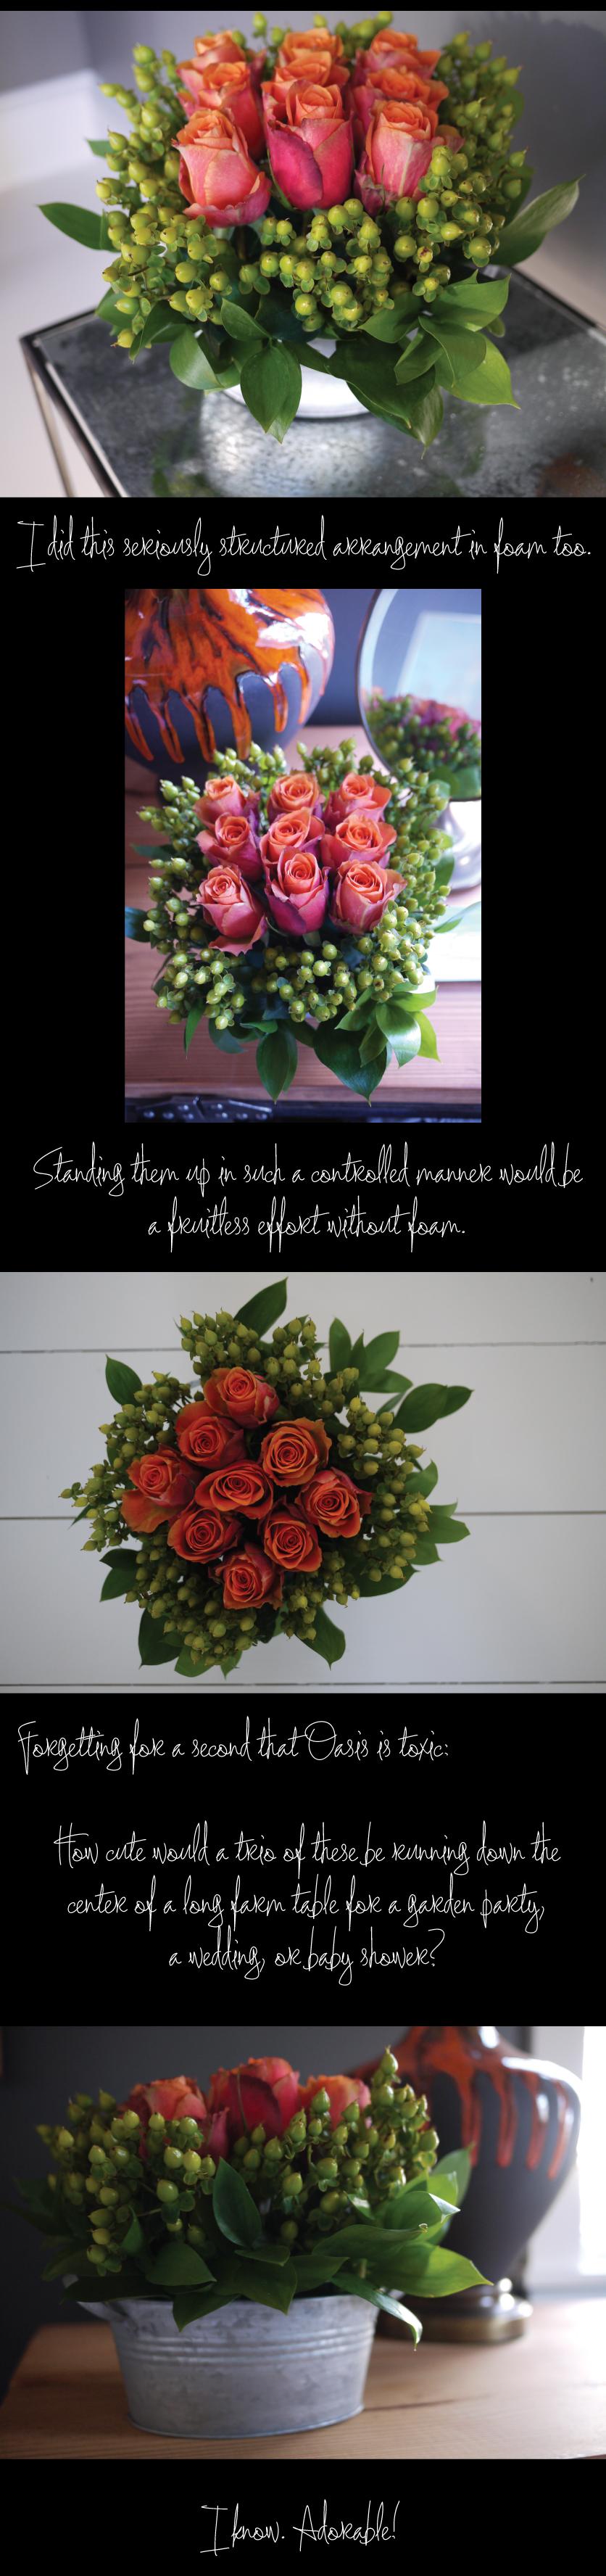 Baby-Shower-Flower-Arrangement-Wedding-Shower-Floral-Centerpiece-Garden-Party-Flower-Arrangement